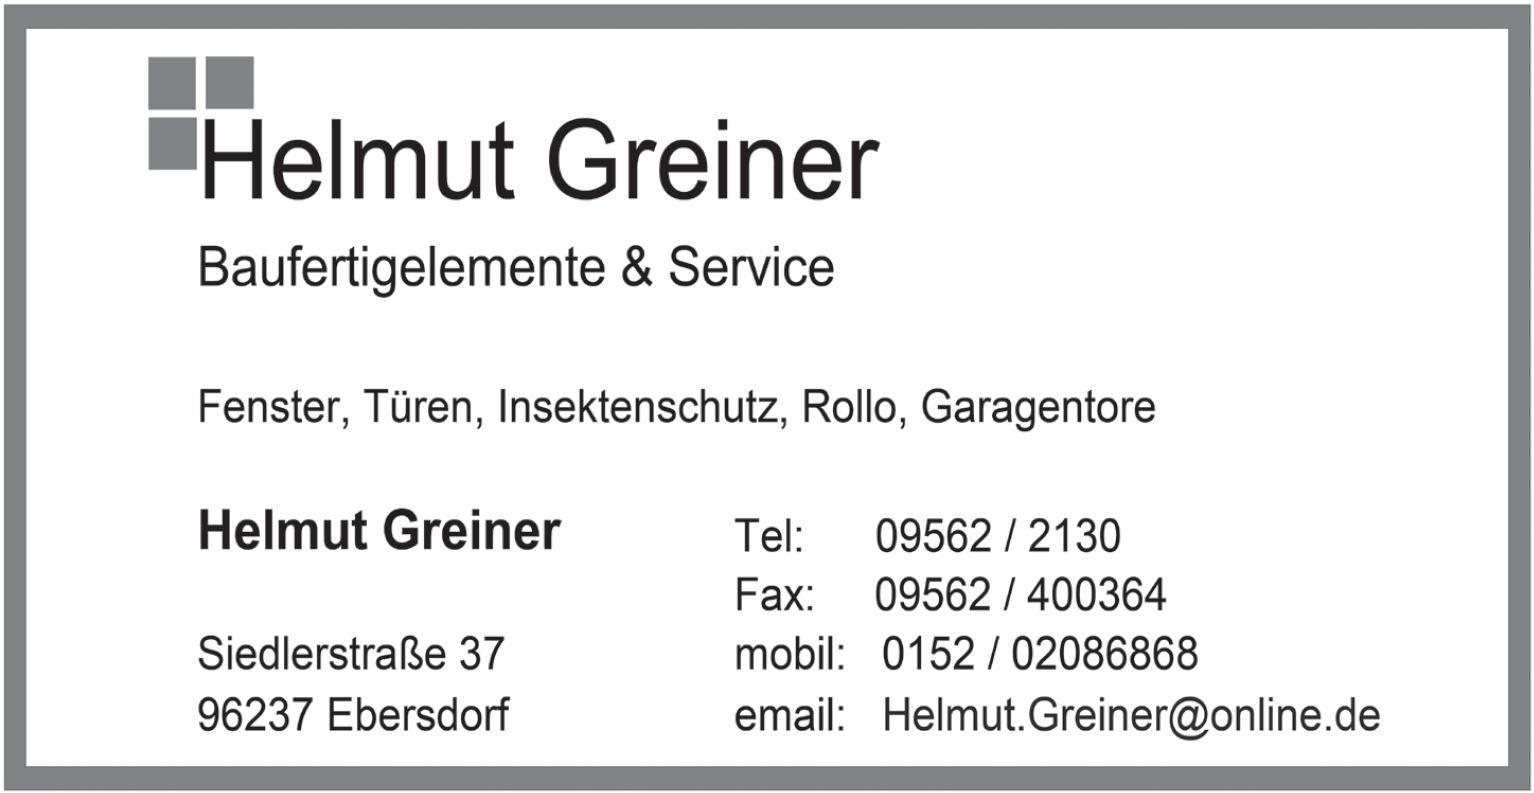 Helmut Greiner